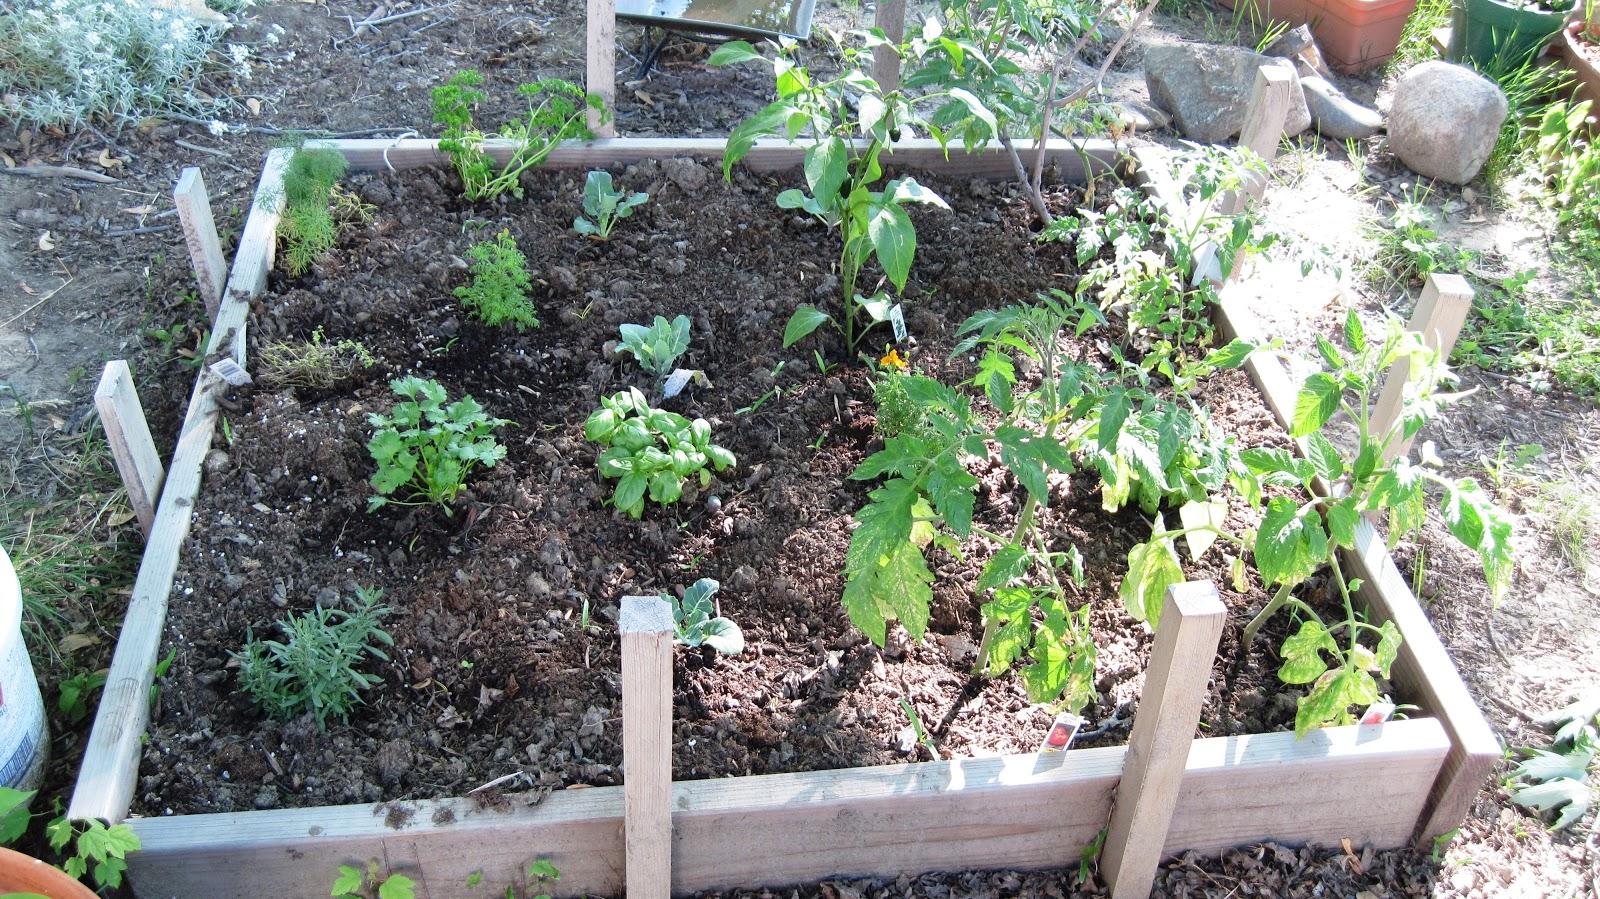 2knitwits Billings Garden